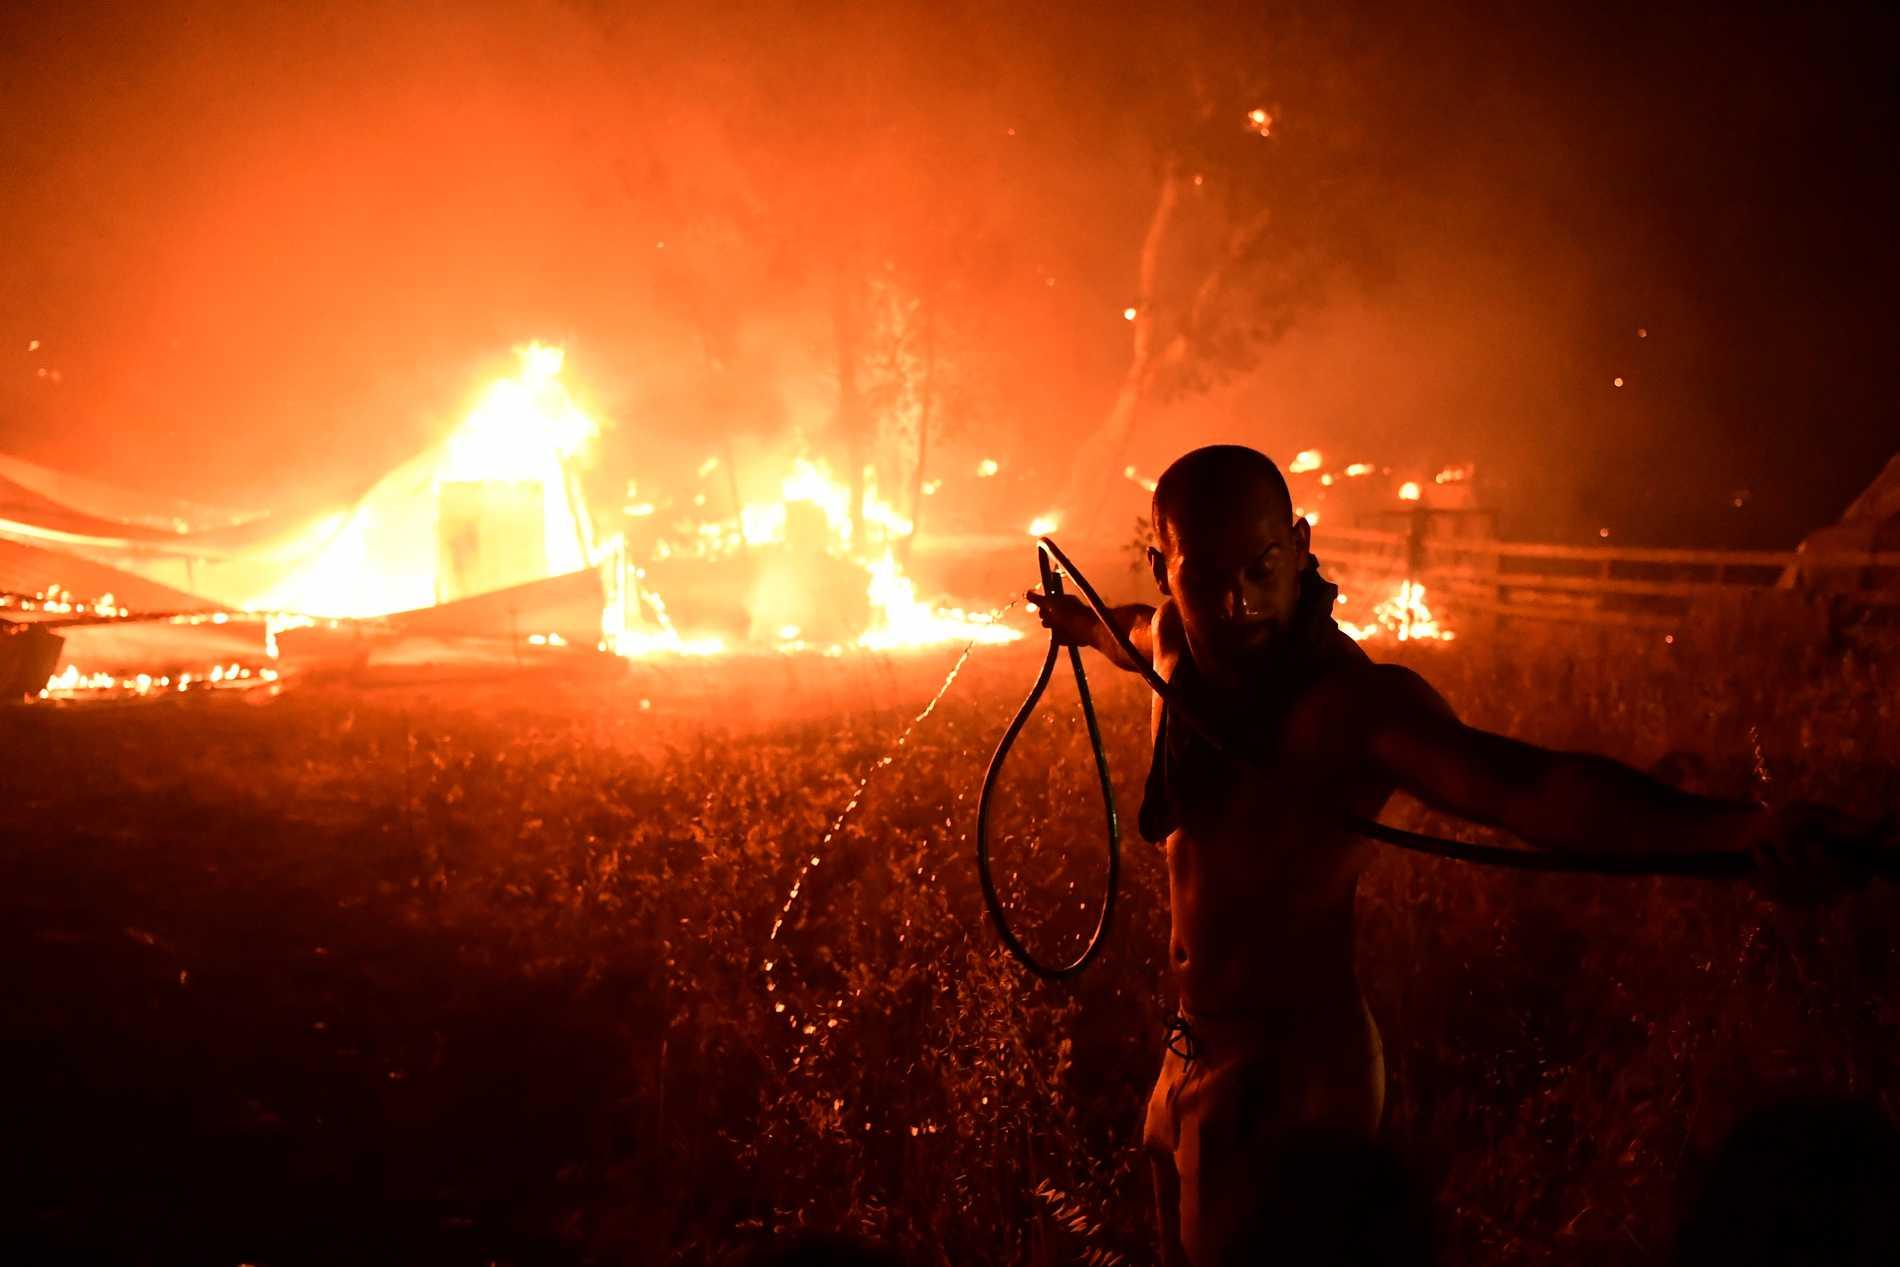 Un uomo spegne un incendio nel nord di Atene.